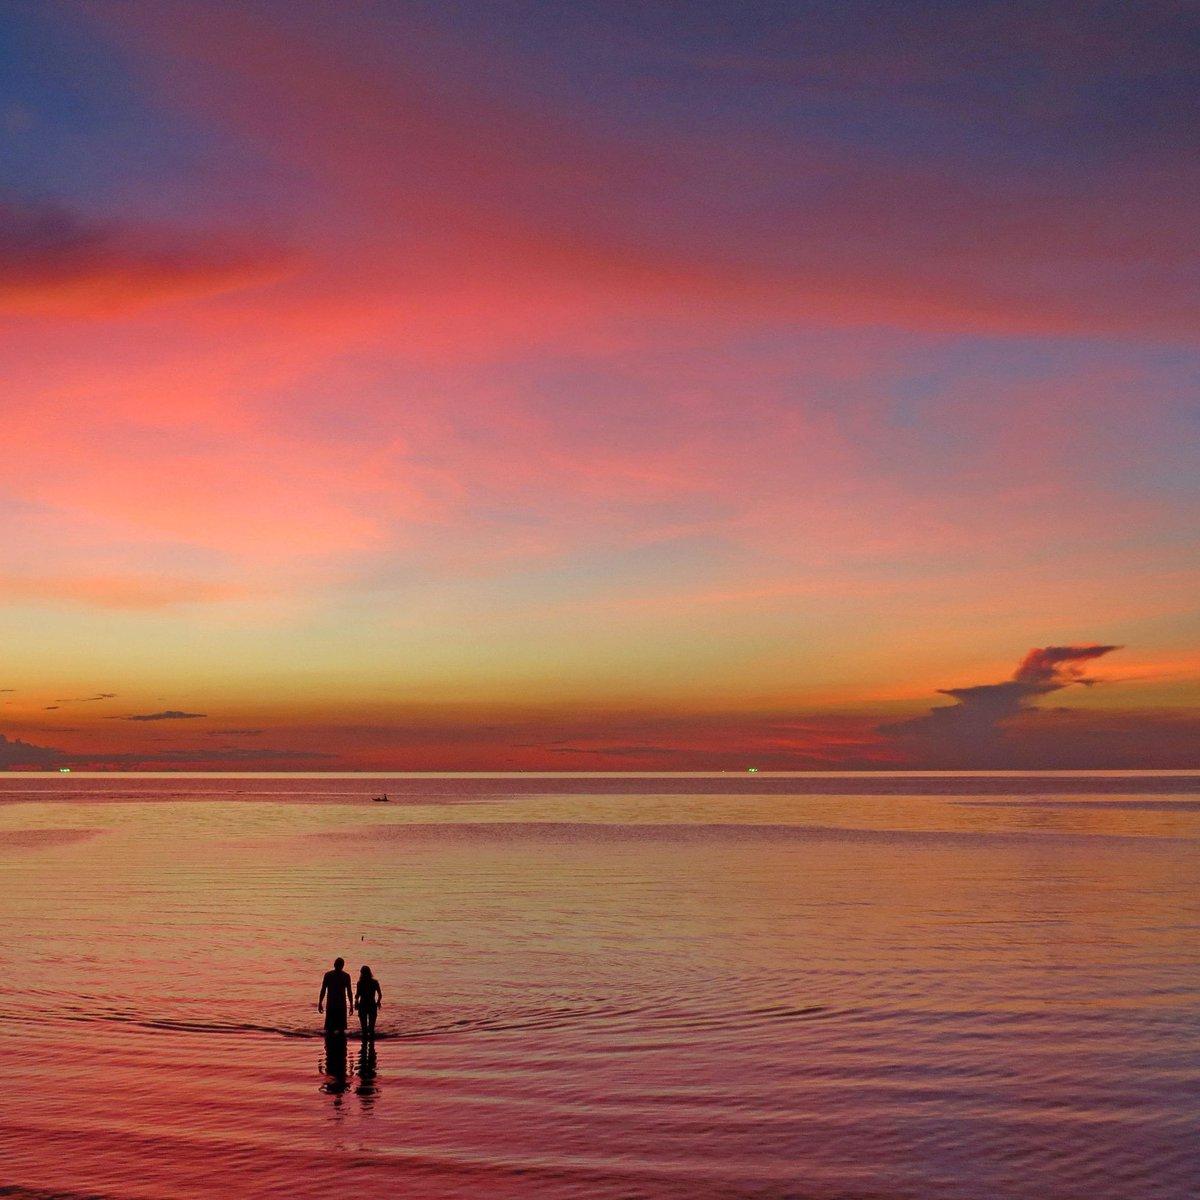 Sea sunset landscape <br>http://pic.twitter.com/VDqMKfXIB8